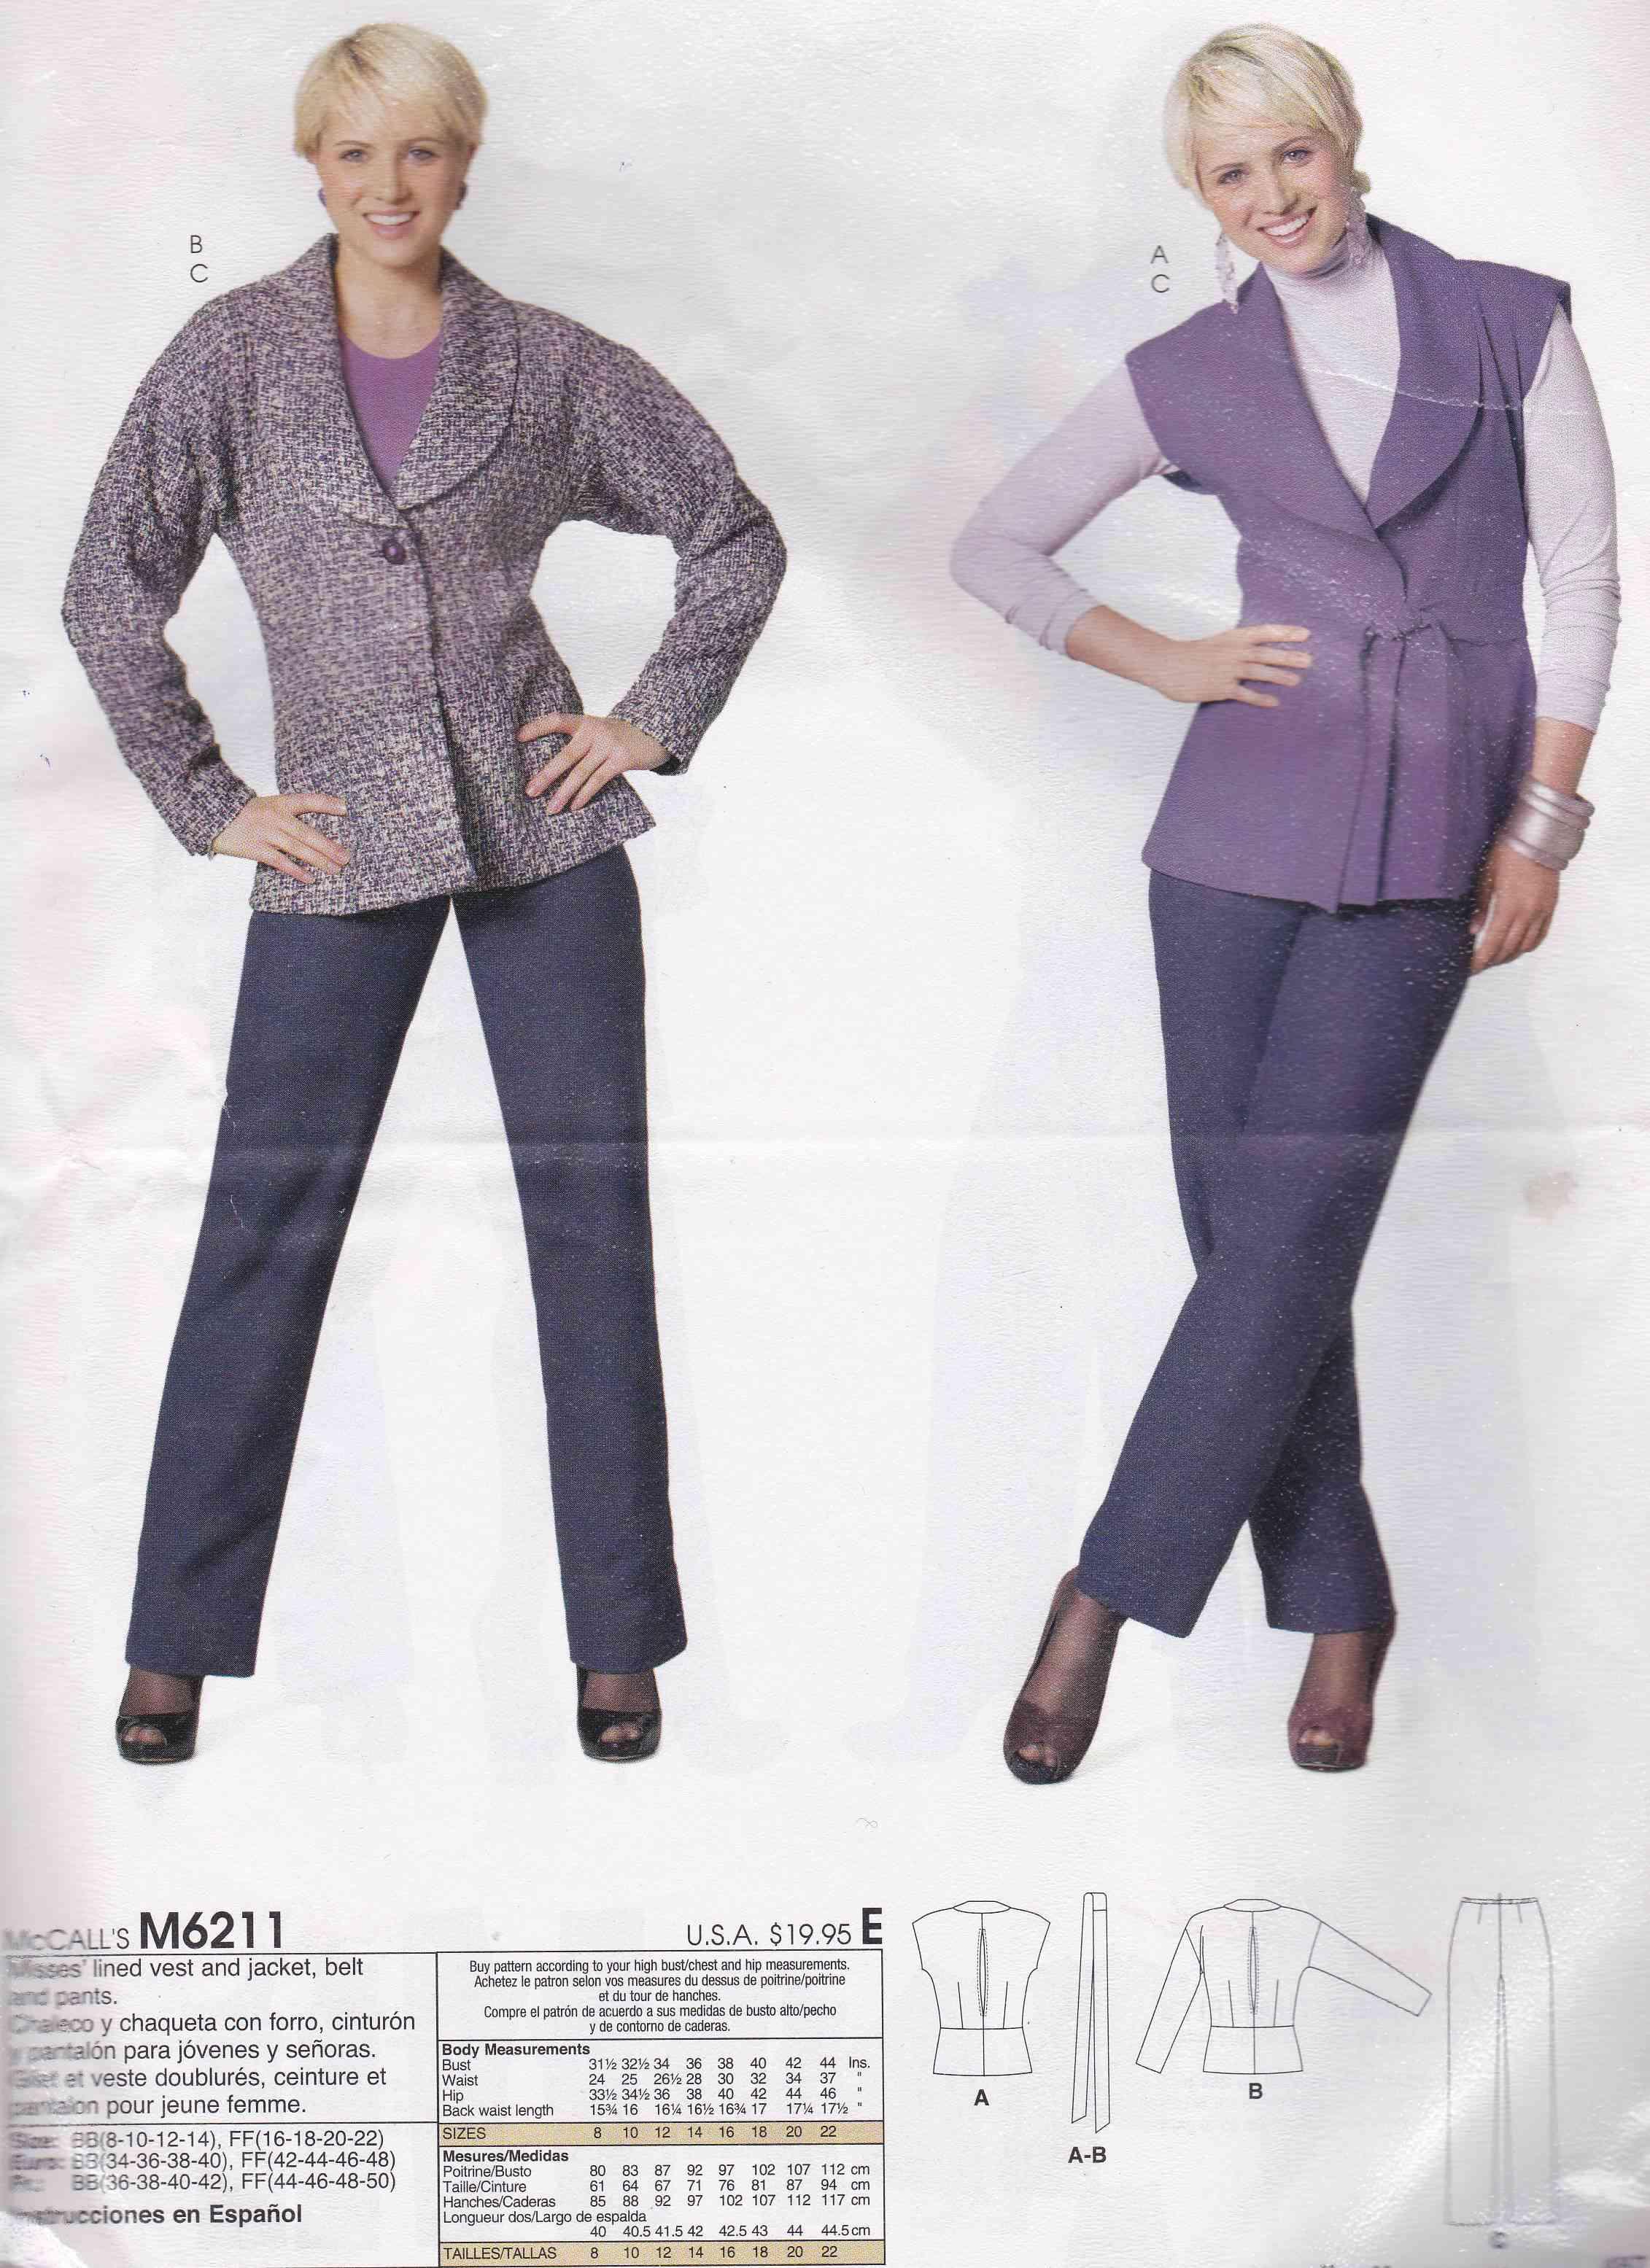 double coupon 60% de réduction garantie de haute qualité mc call's 6211 patron couture ensemble tunique veste pantalon femme